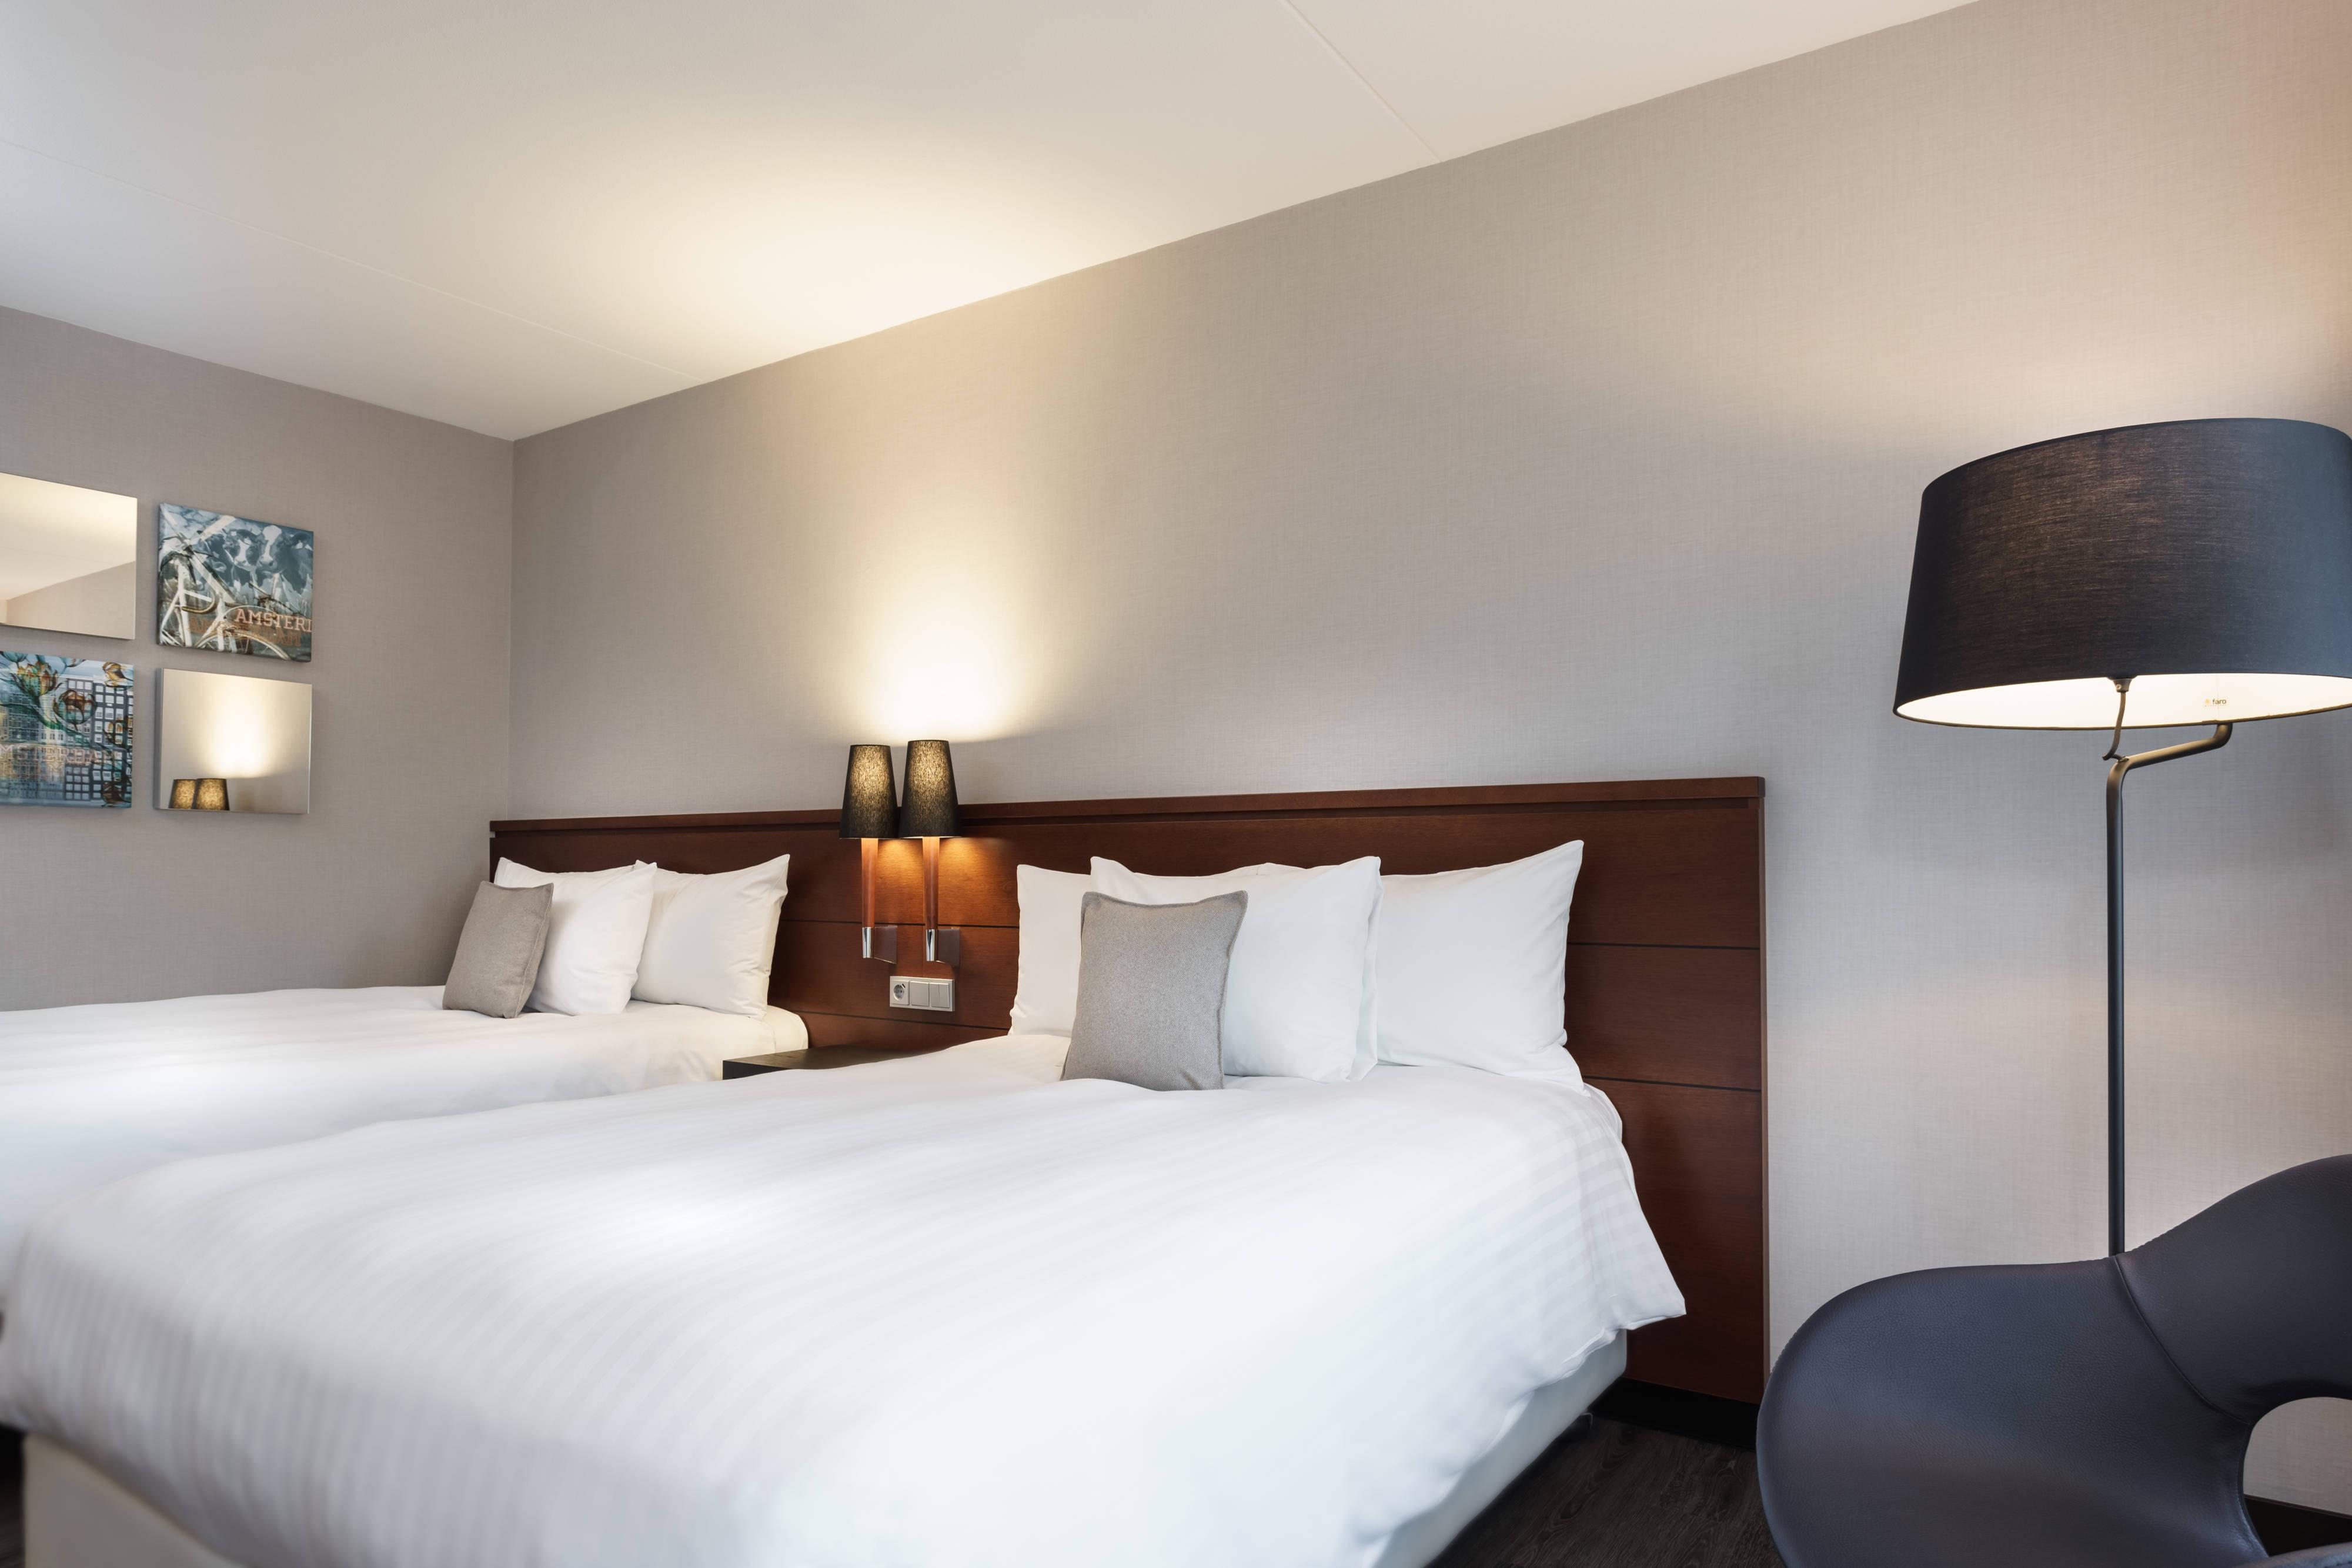 Chambre Deluxe avec deux lits queen size